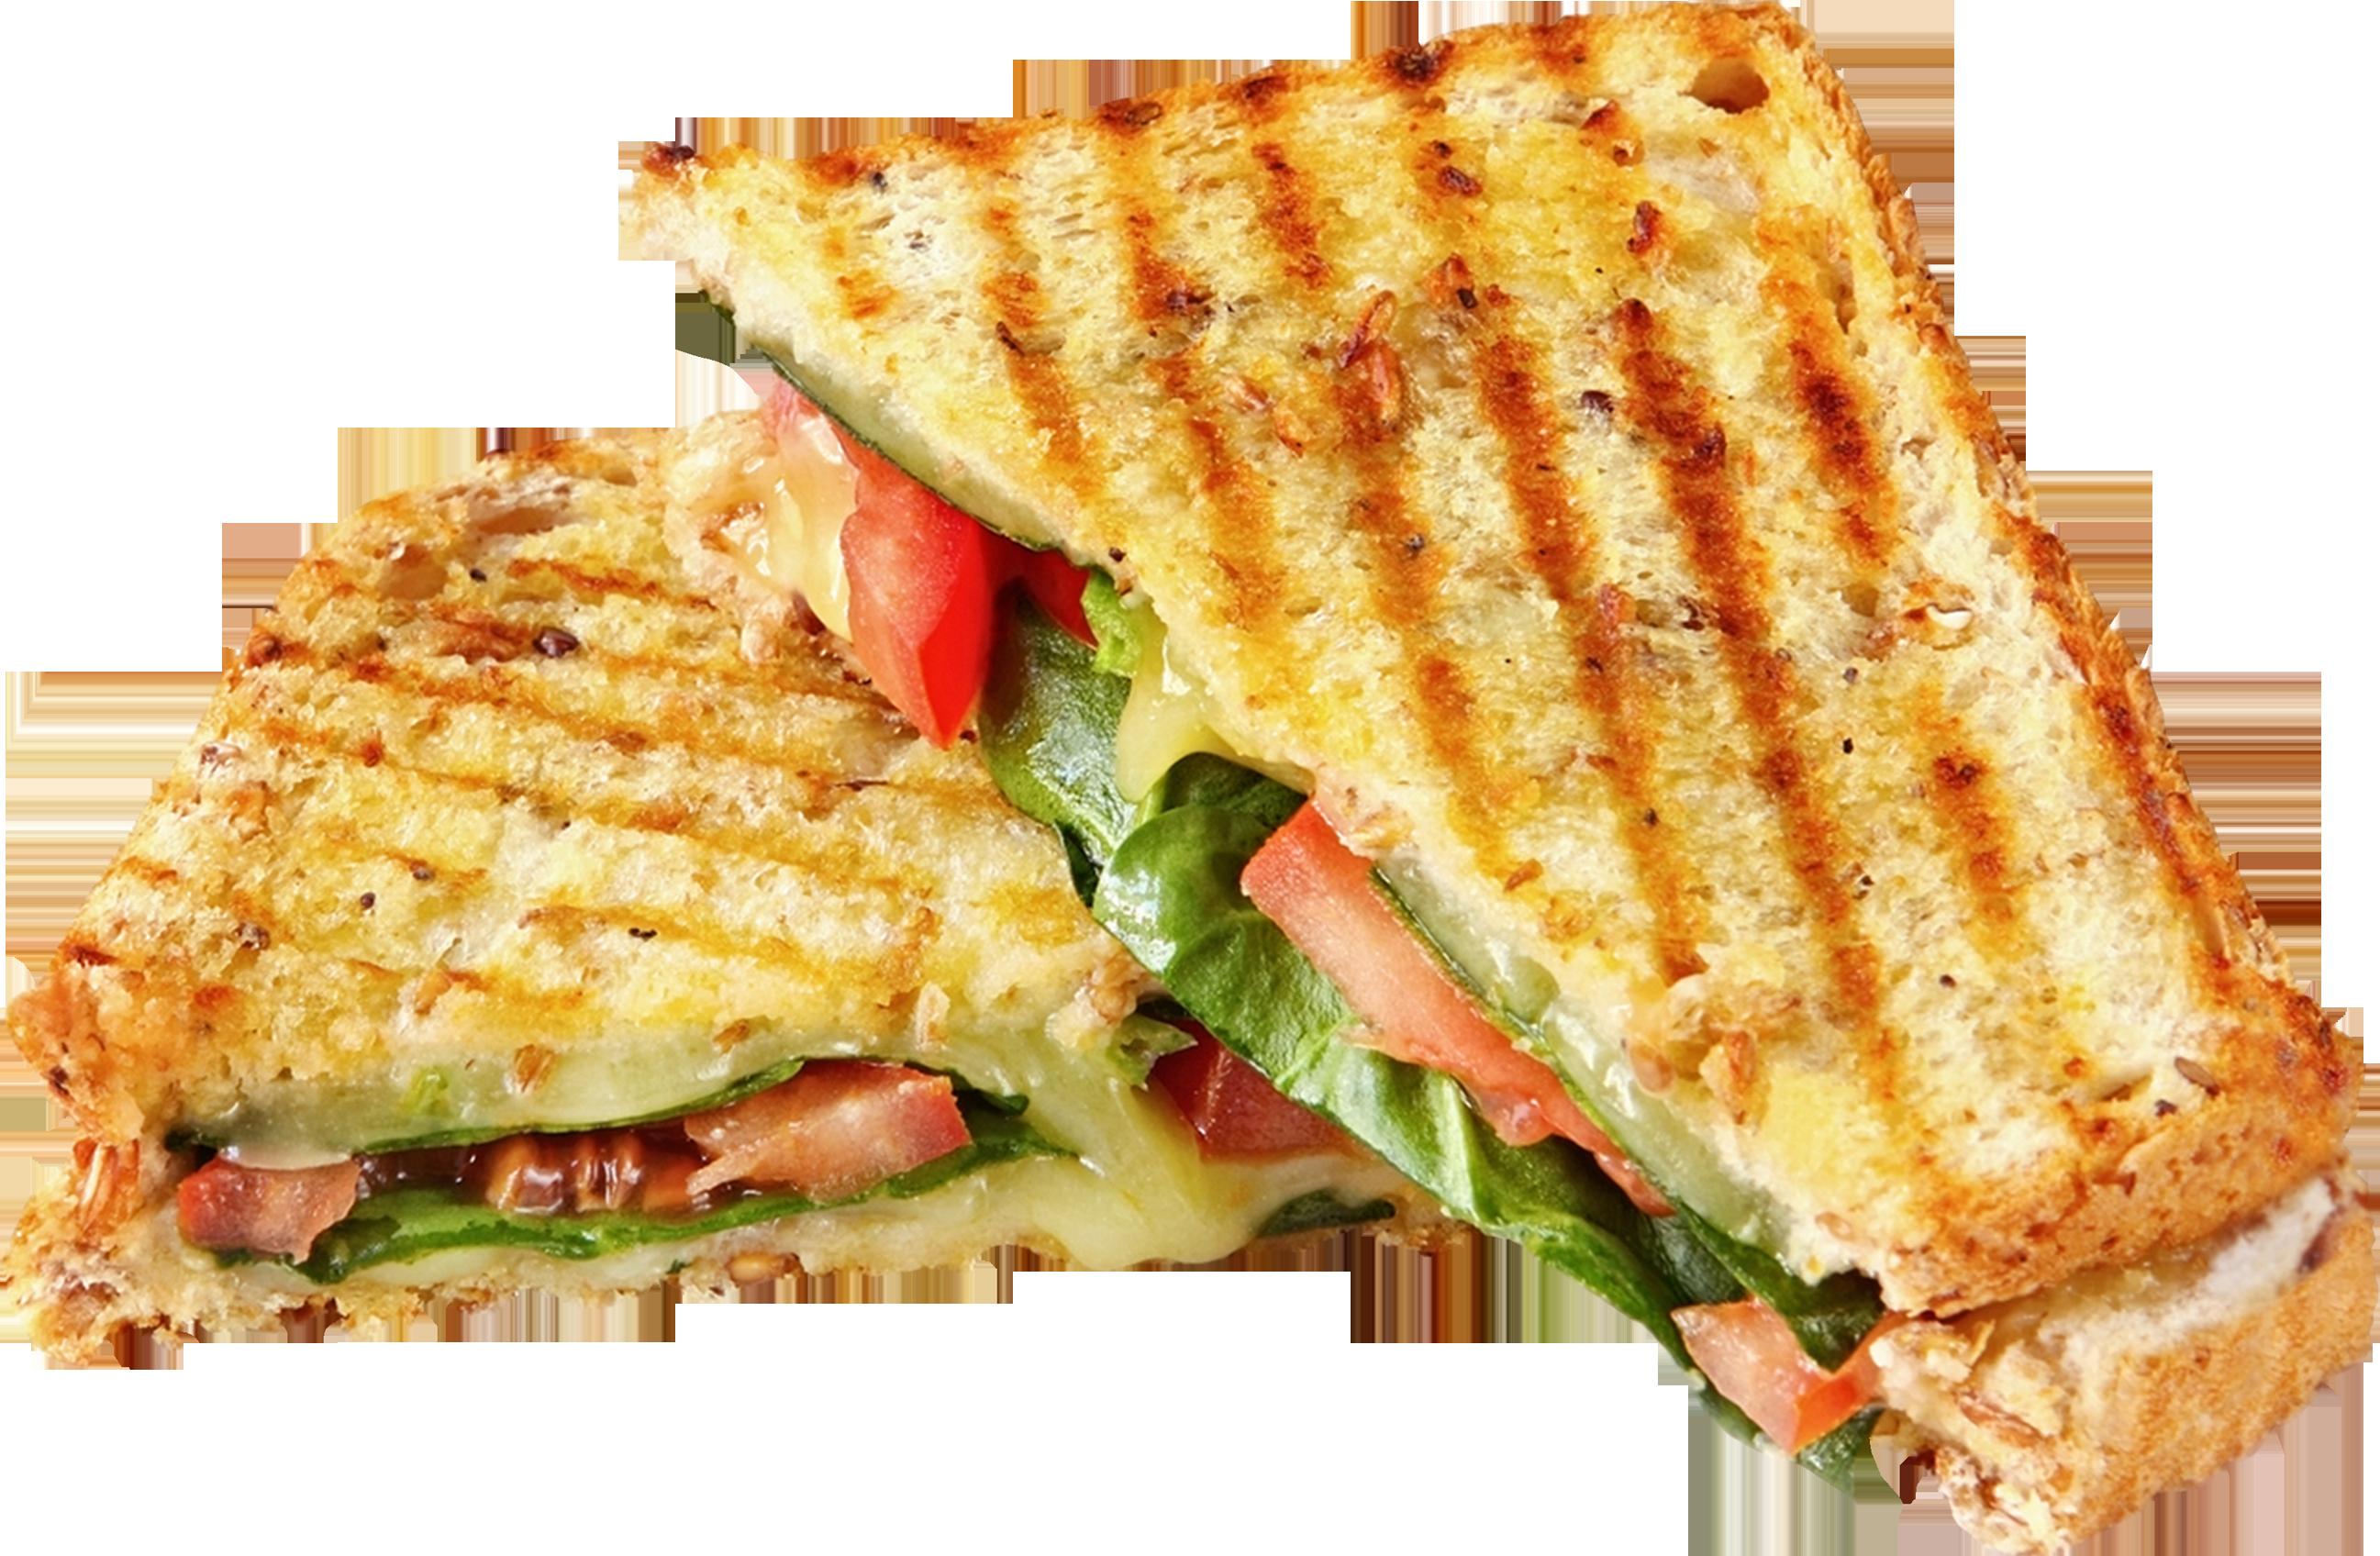 Sandwich HD PNG